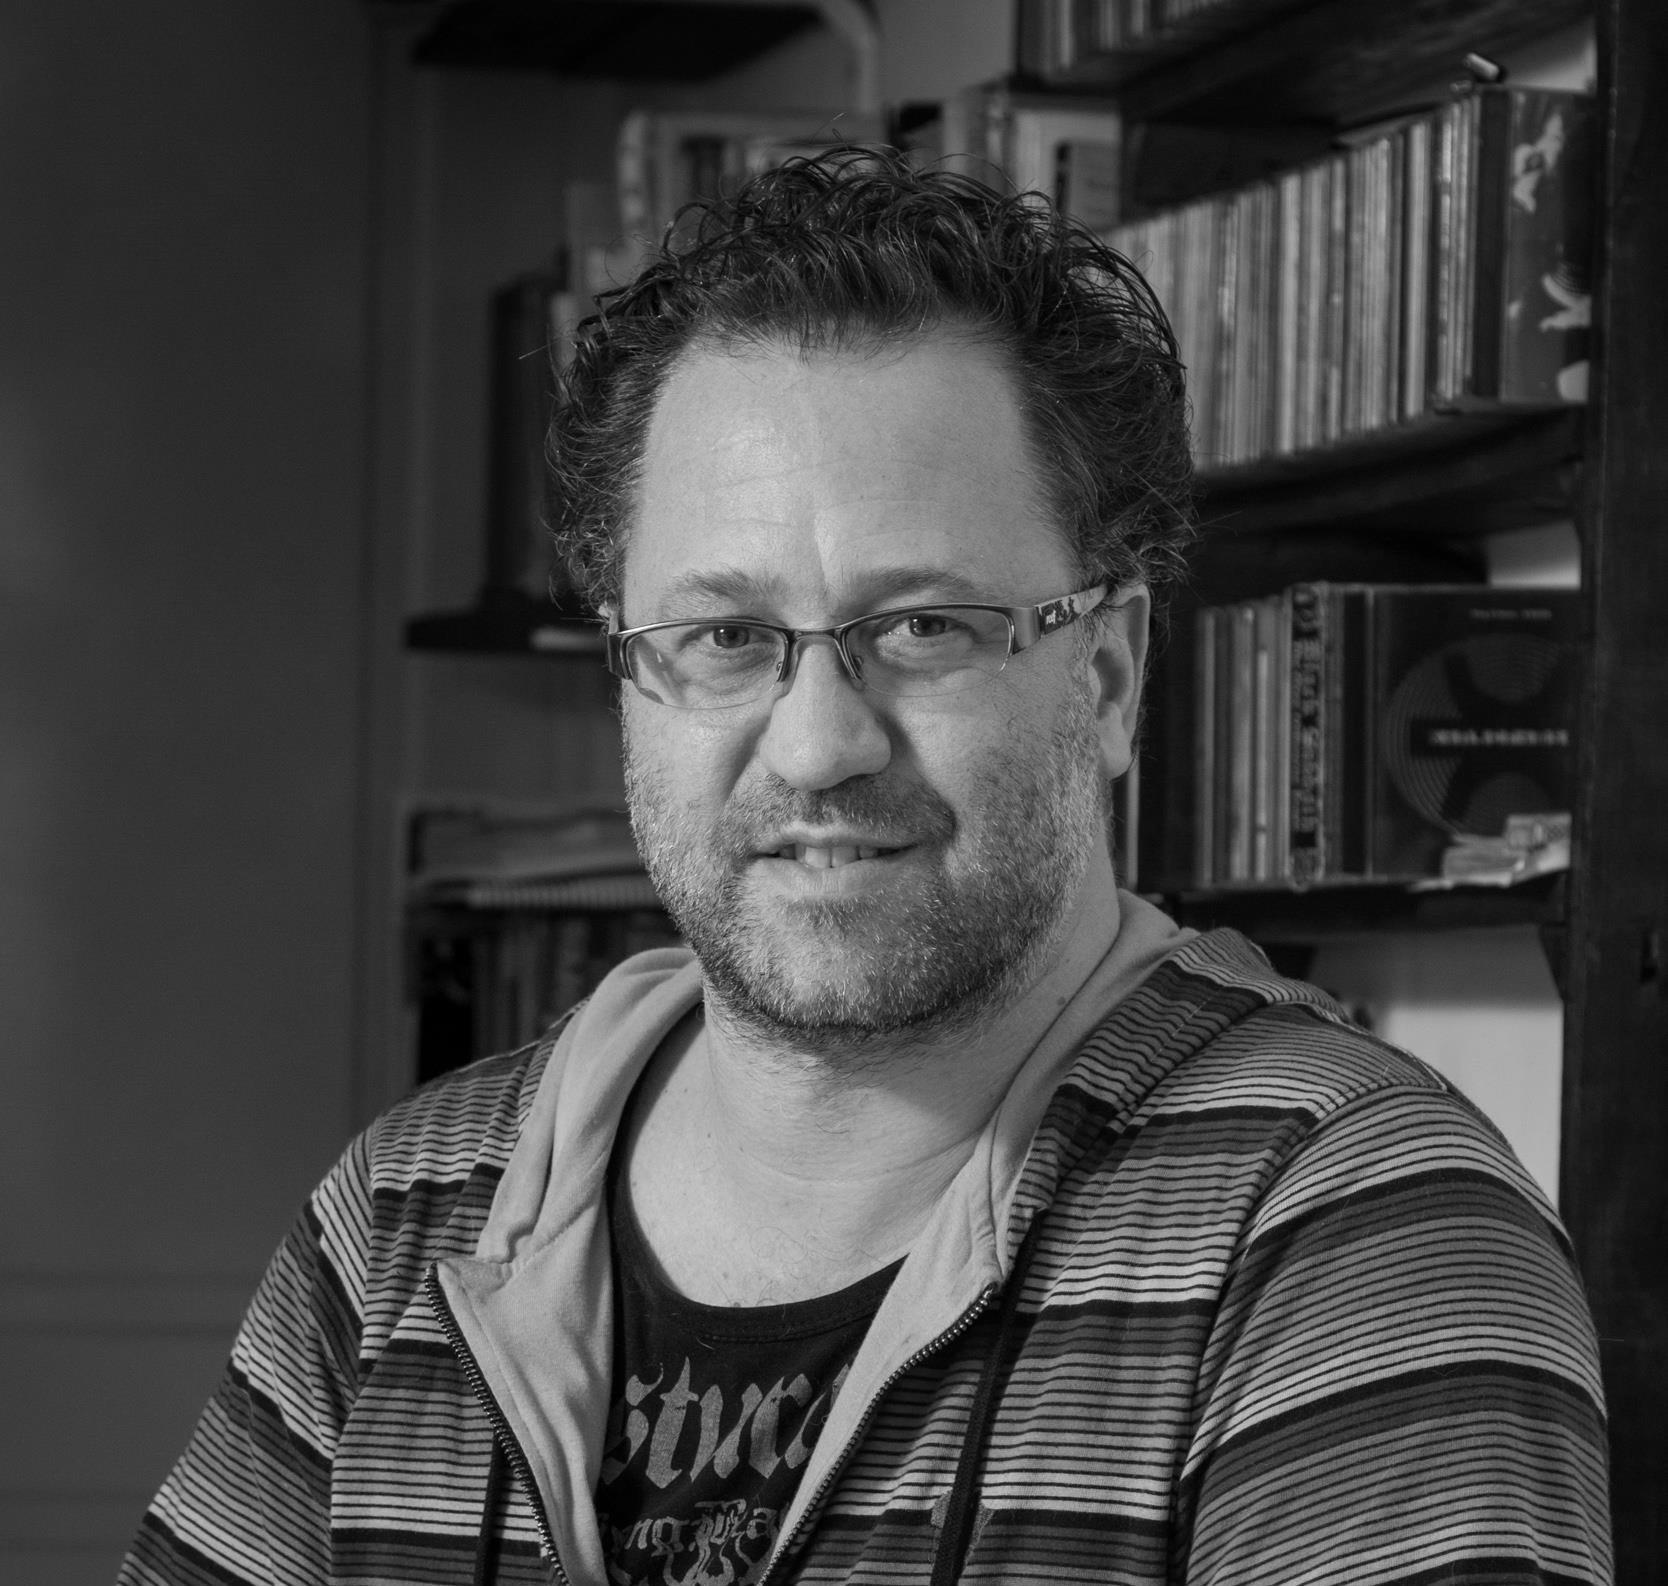 Ph: Alejandro Meter